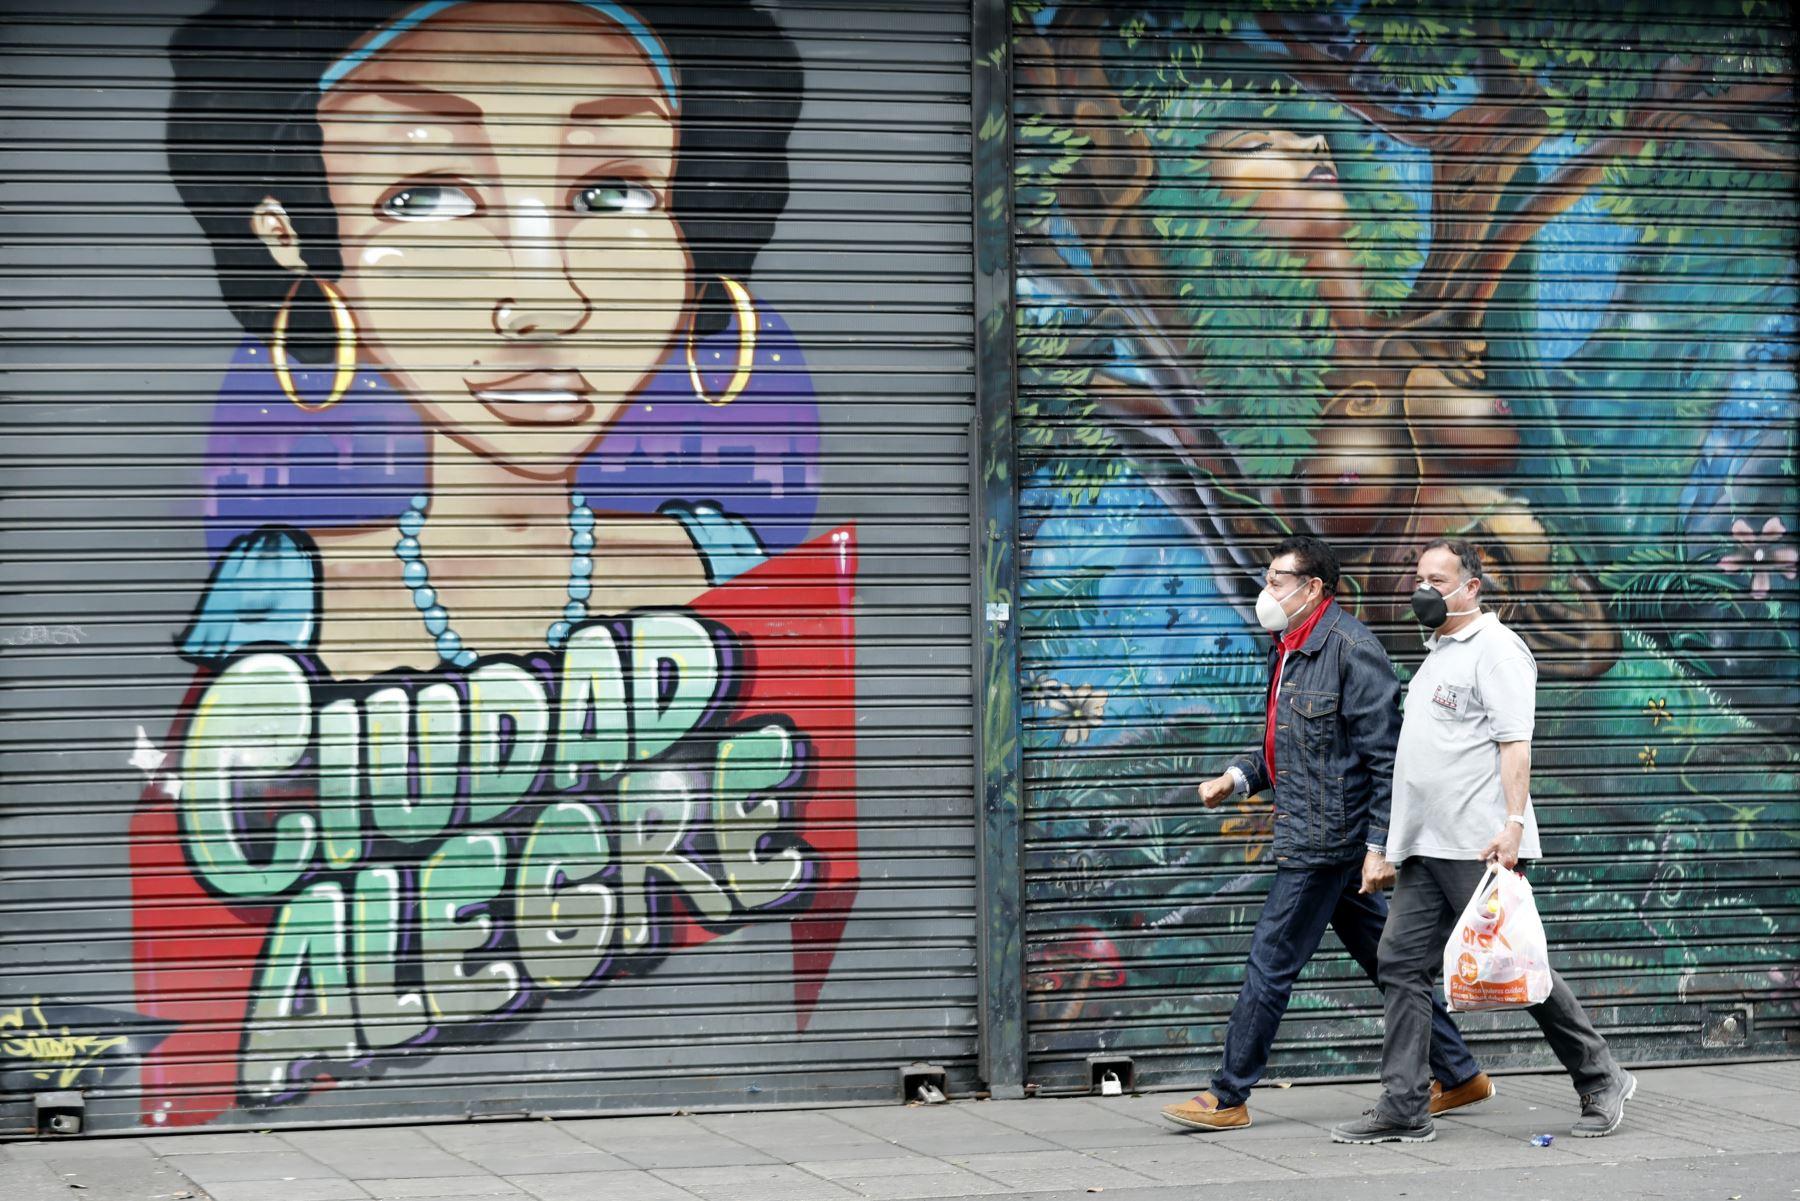 Ciudadanos recorren las calles durante la cuarentena por el coronavirus, en Bogotá (Colombia). Foto: EFE